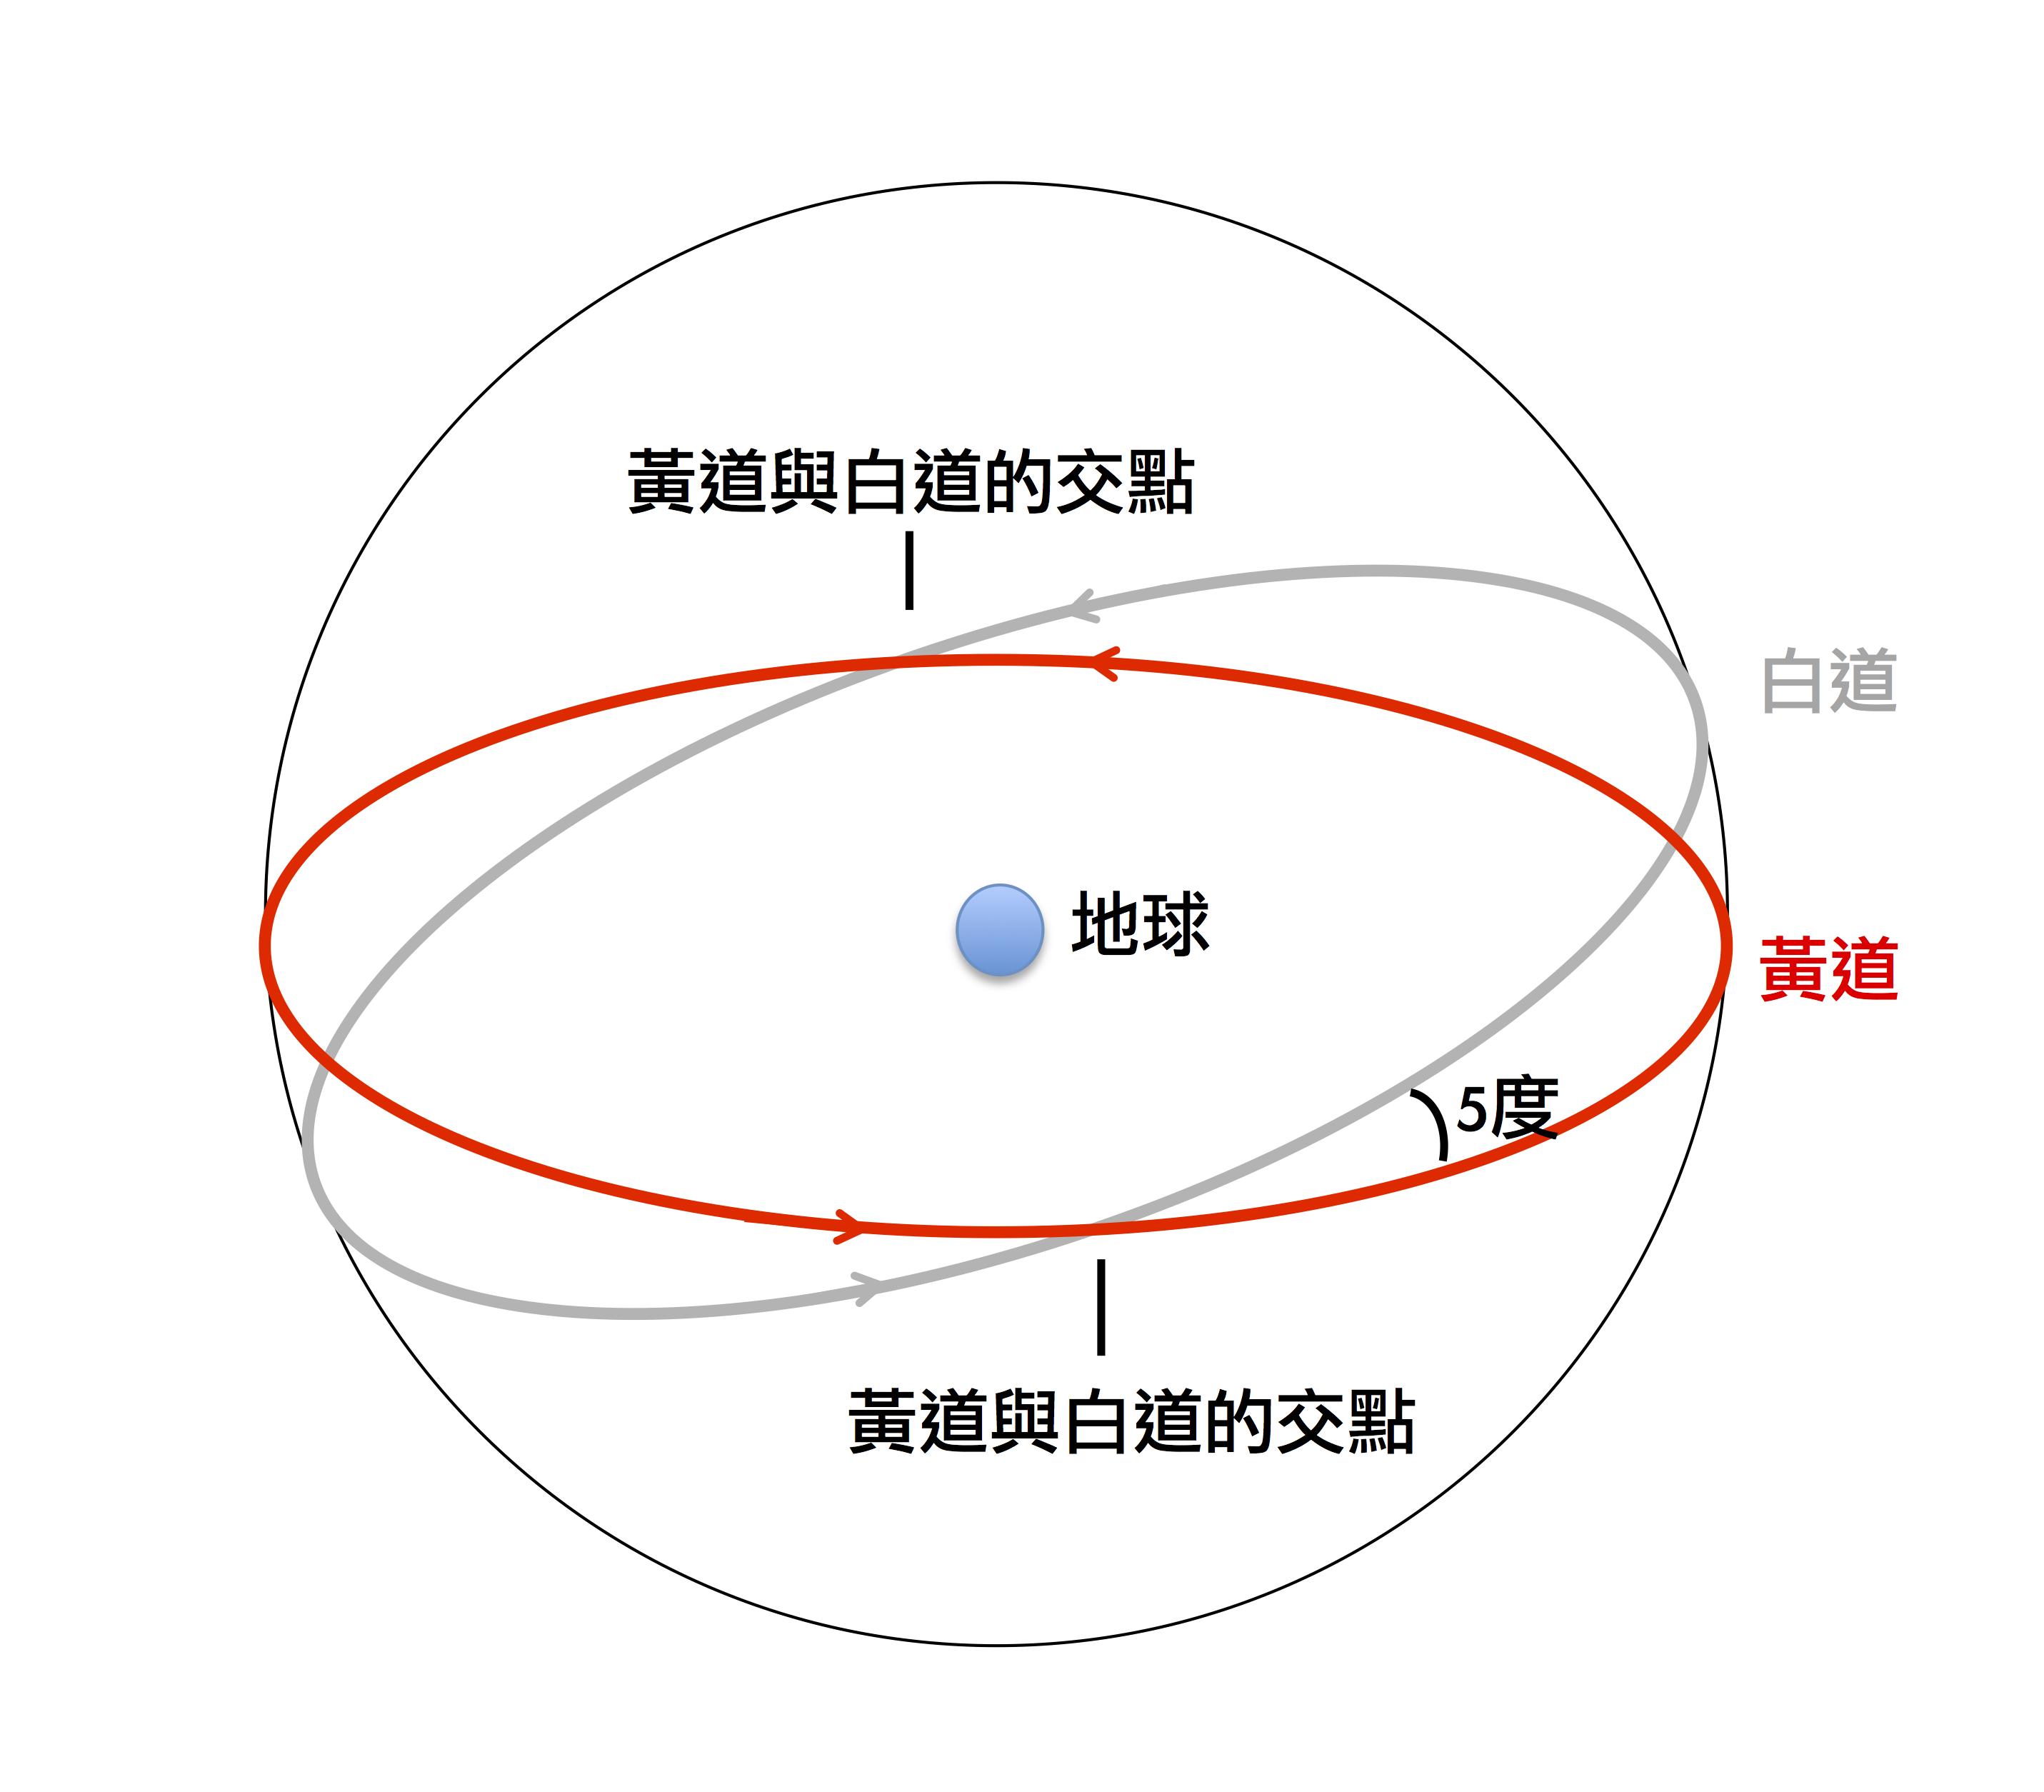 黃道與白道,當太陽運行到黃道與白道的交點附近時就會發生日食和月食。製圖:李昫岱